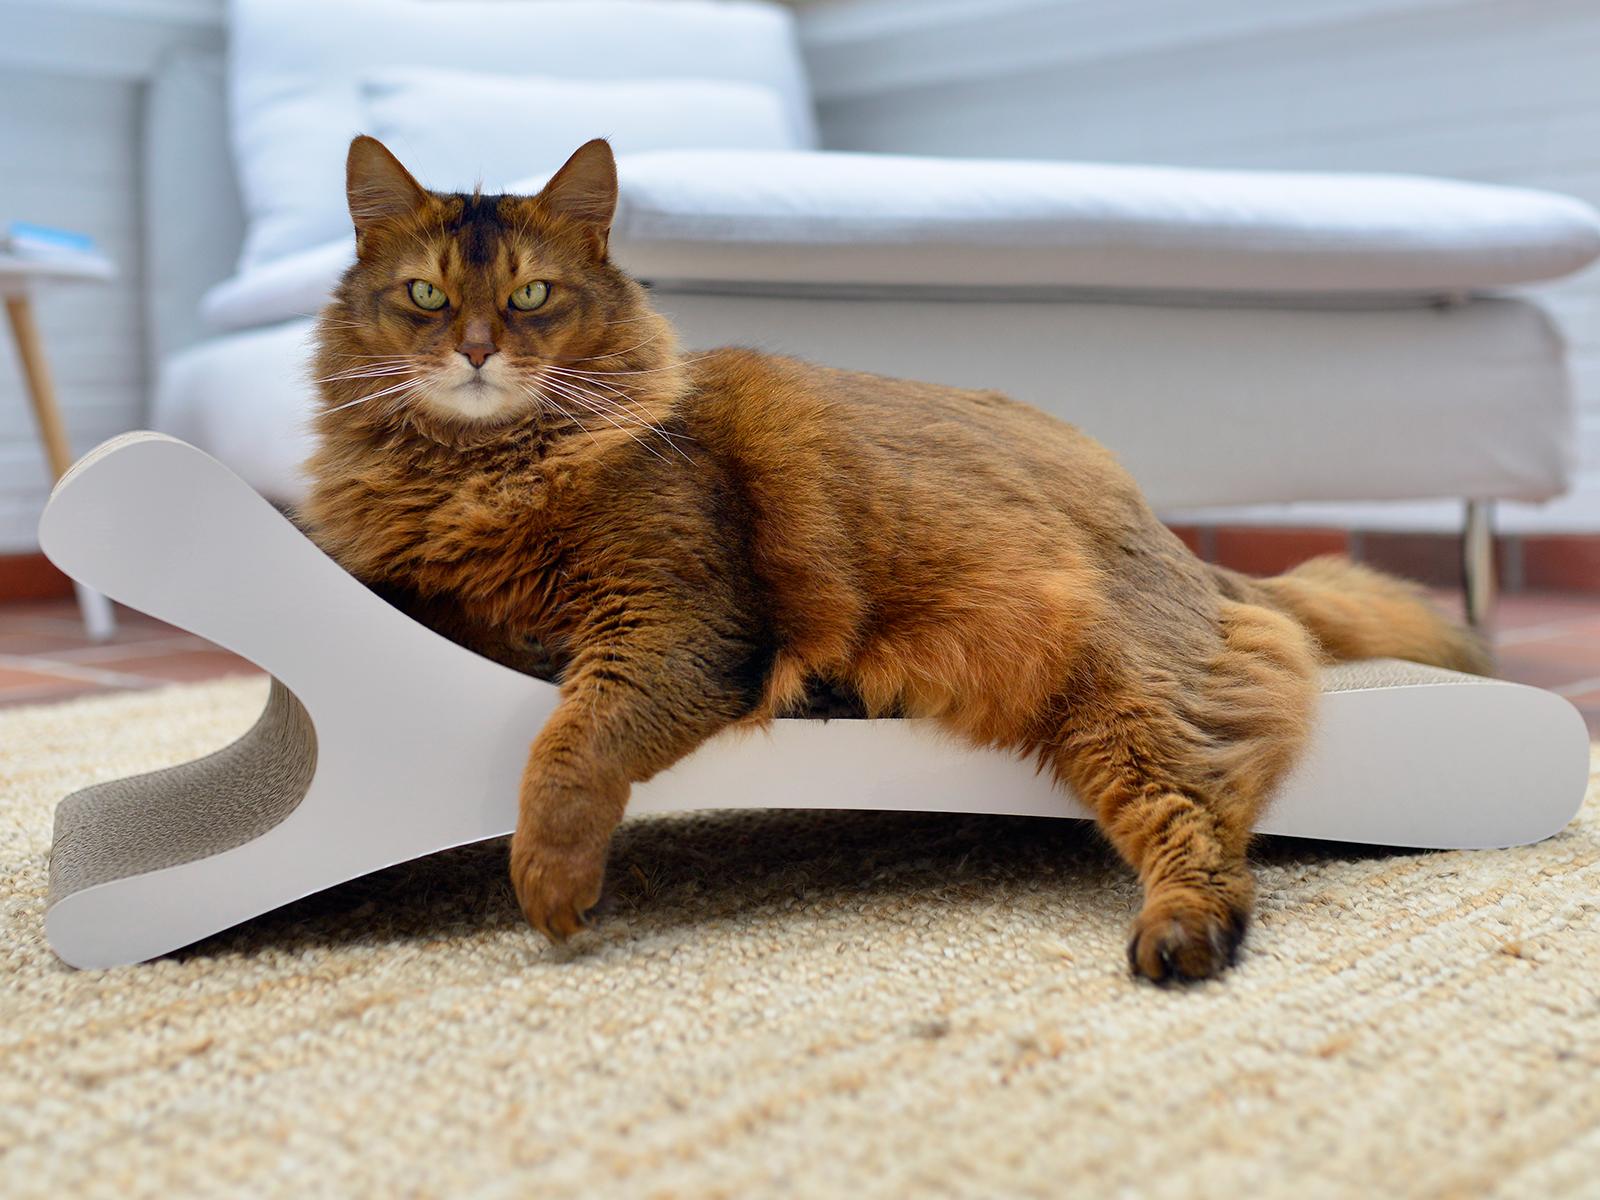 Das ergonomische Kratzmöbel für riesige Katzen und andere Artgenossen